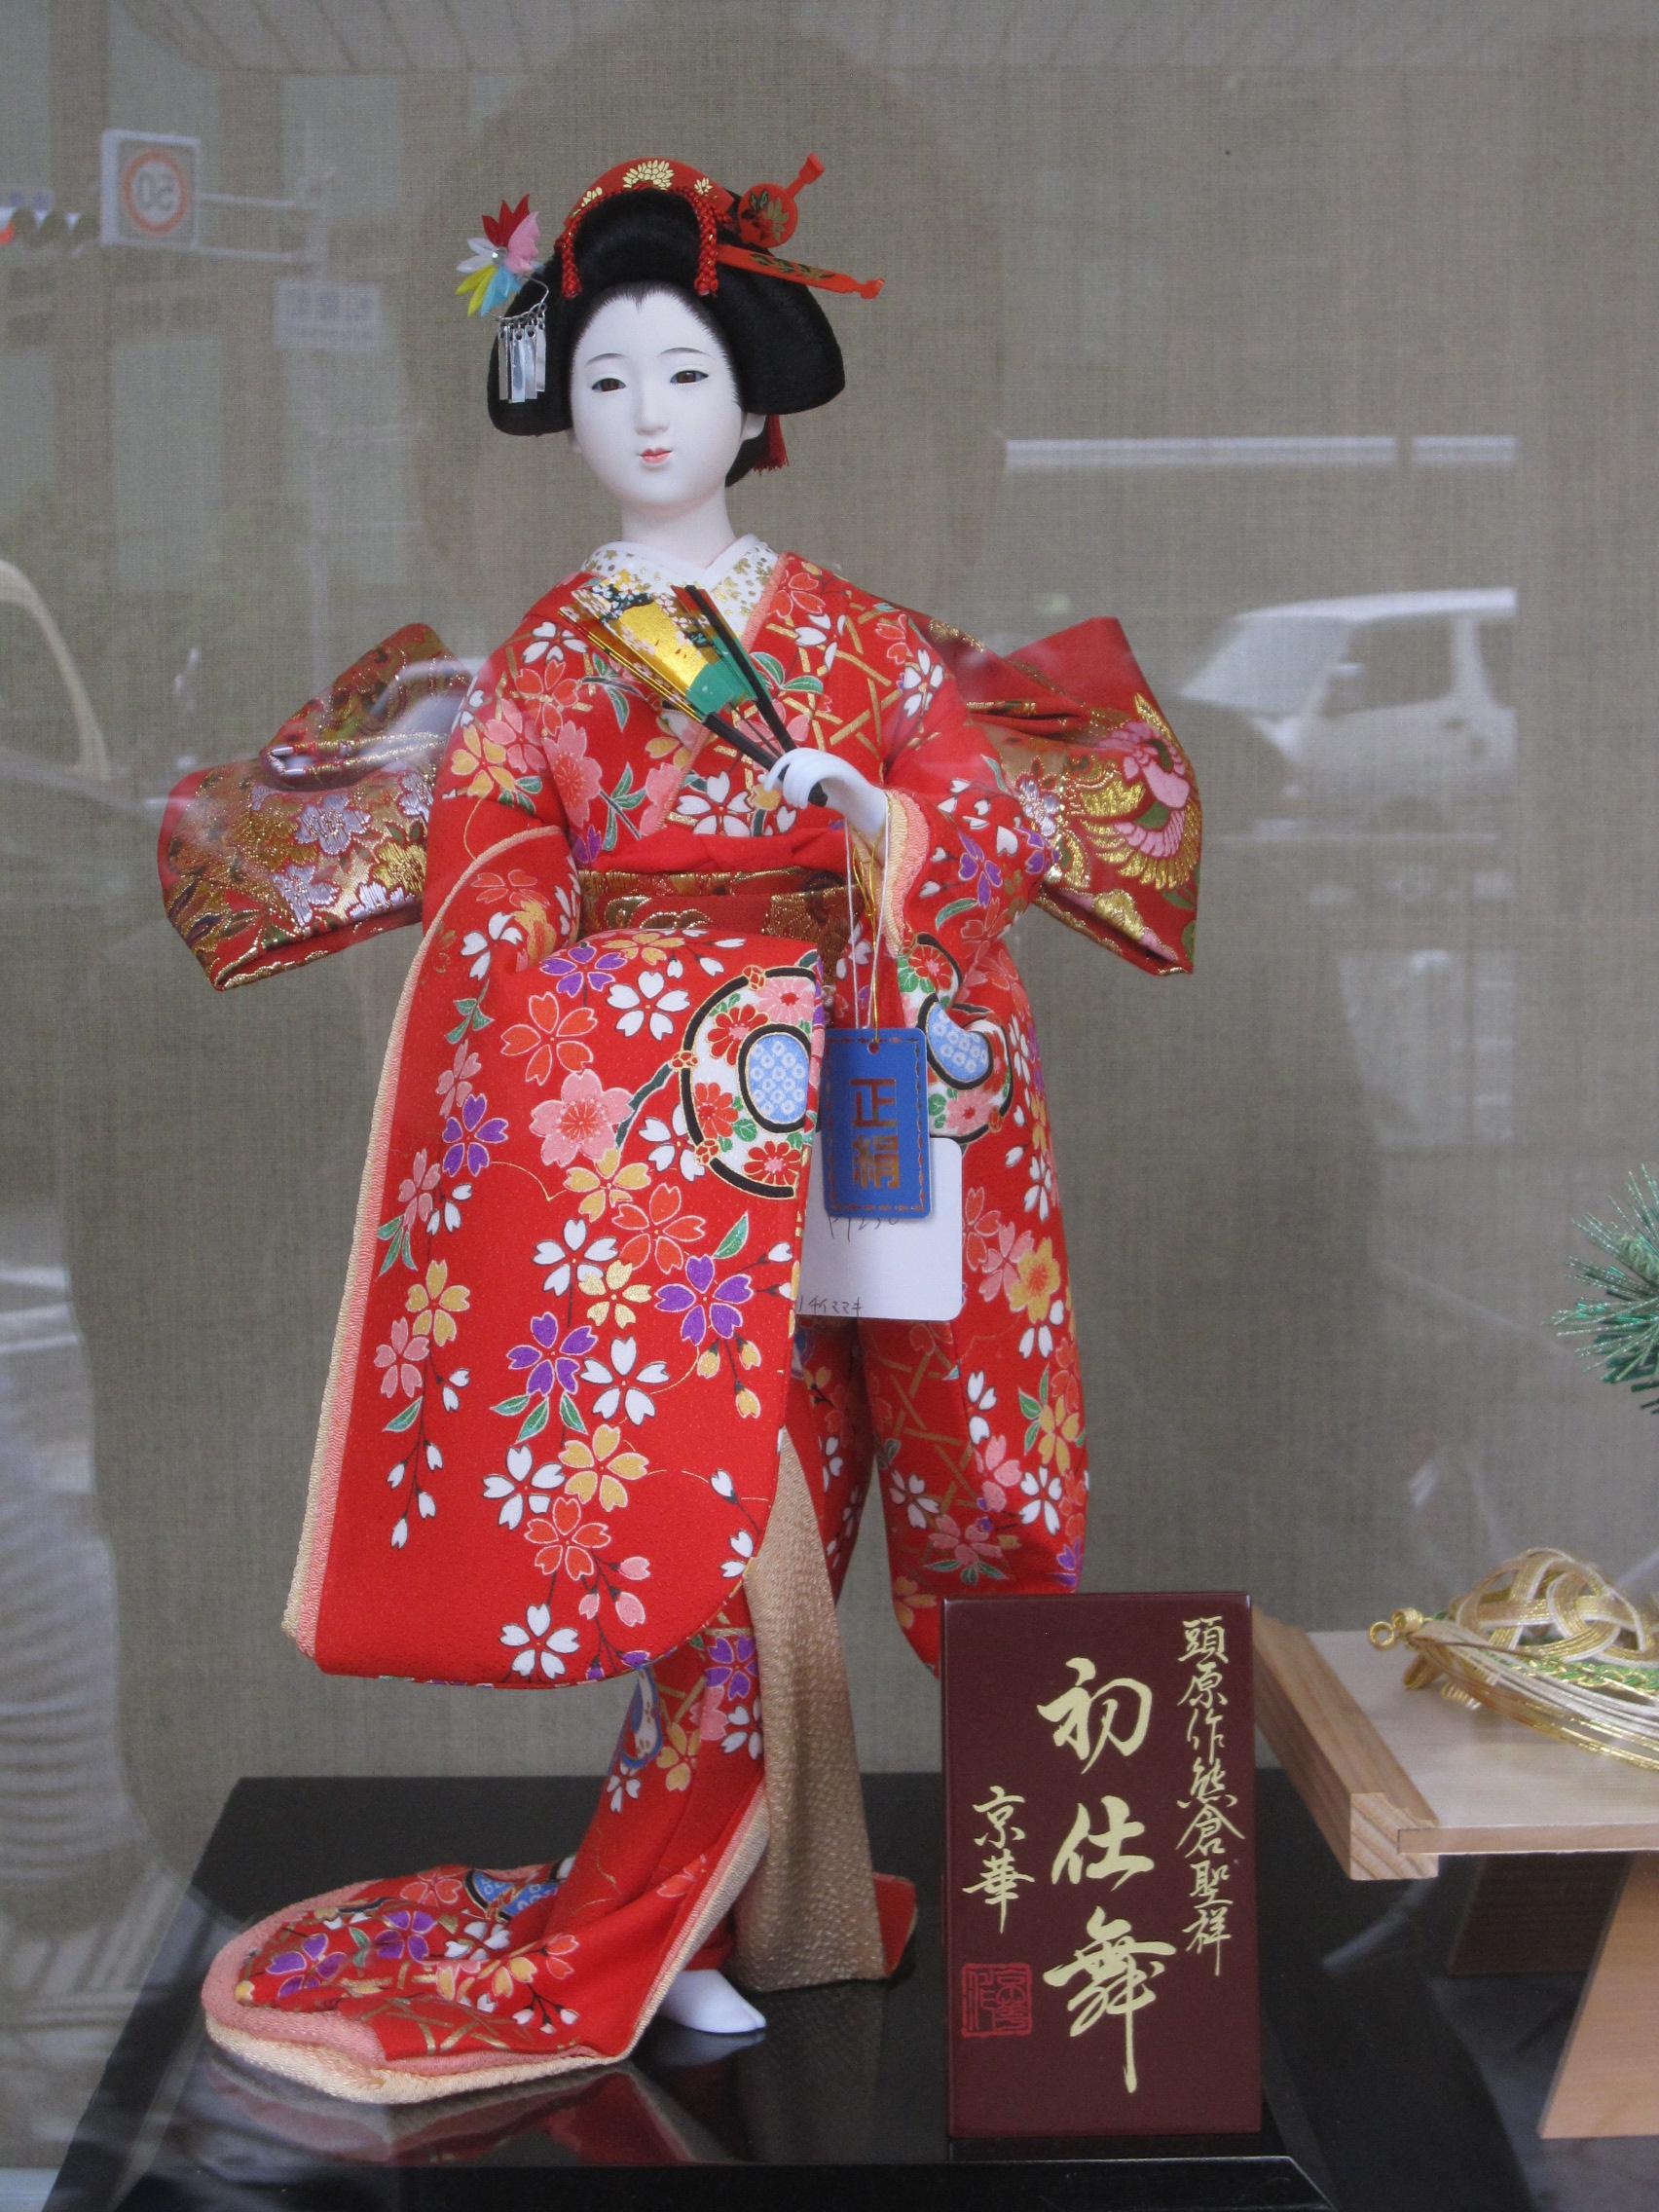 [오사카] 오사카 성 근처 벼룩시장에 다녀왔습니다., 닌교, 매화, 매화밭, 벼룩시장, 벼룩시장 흥정, 산책, 쇼군 갑옷, 쇼군 갑옷 인형, 쇼군 닌교, 오사카, 오사카 벼룩 시장, 오사카성 벼룩시장, 일본 벼룩시장, 일본 인형, 일본 전통 결혼식 복장, 일본 전통 인형, 중국인 축제